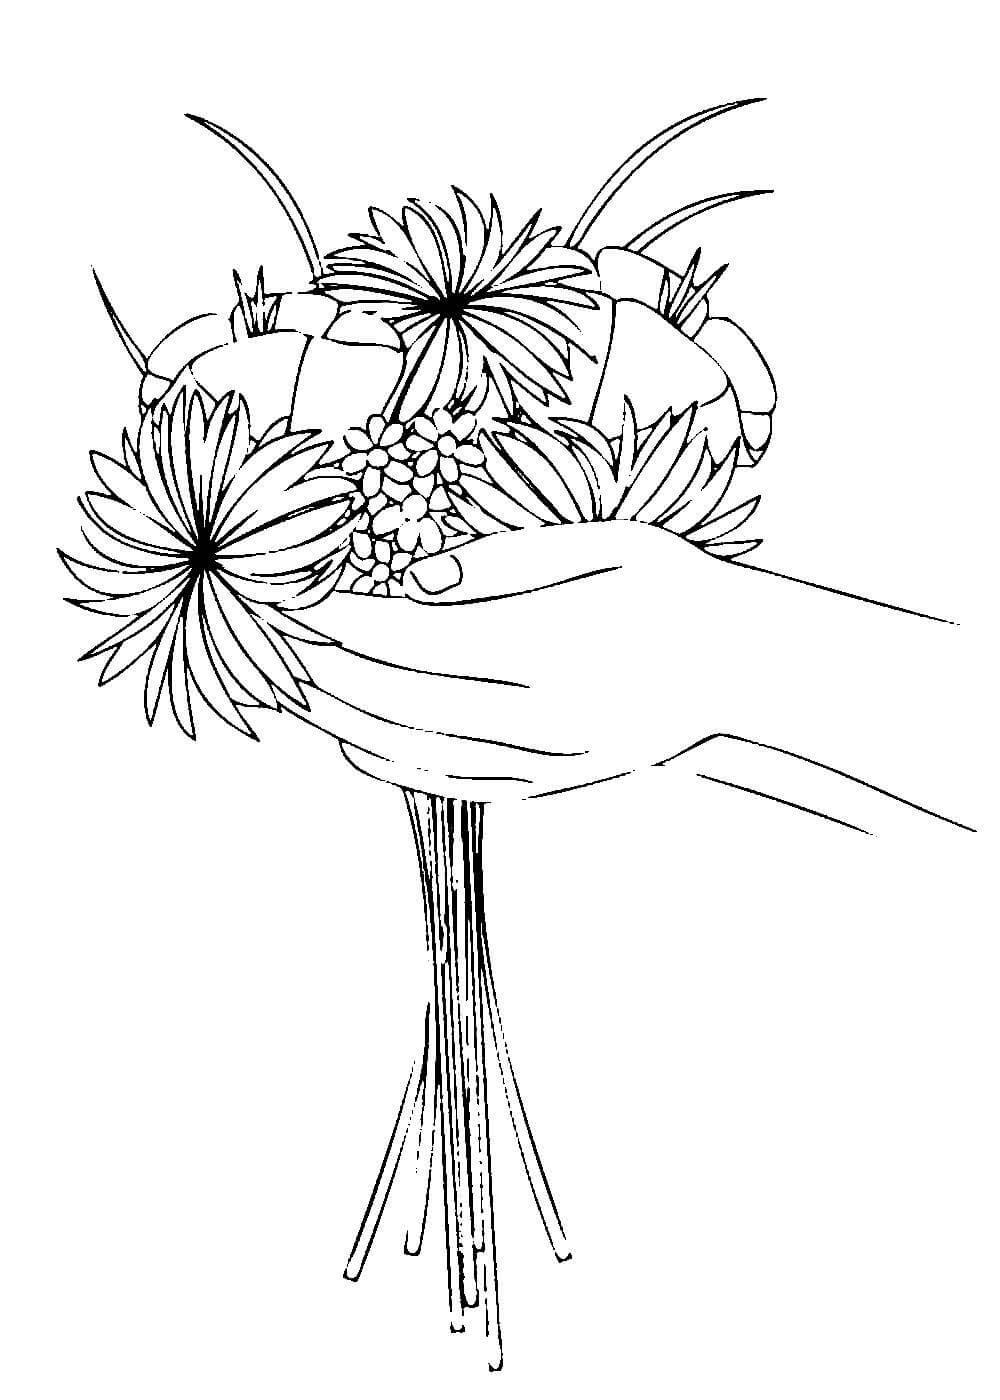 Без текста, открытка черно белая распечатать на принтере